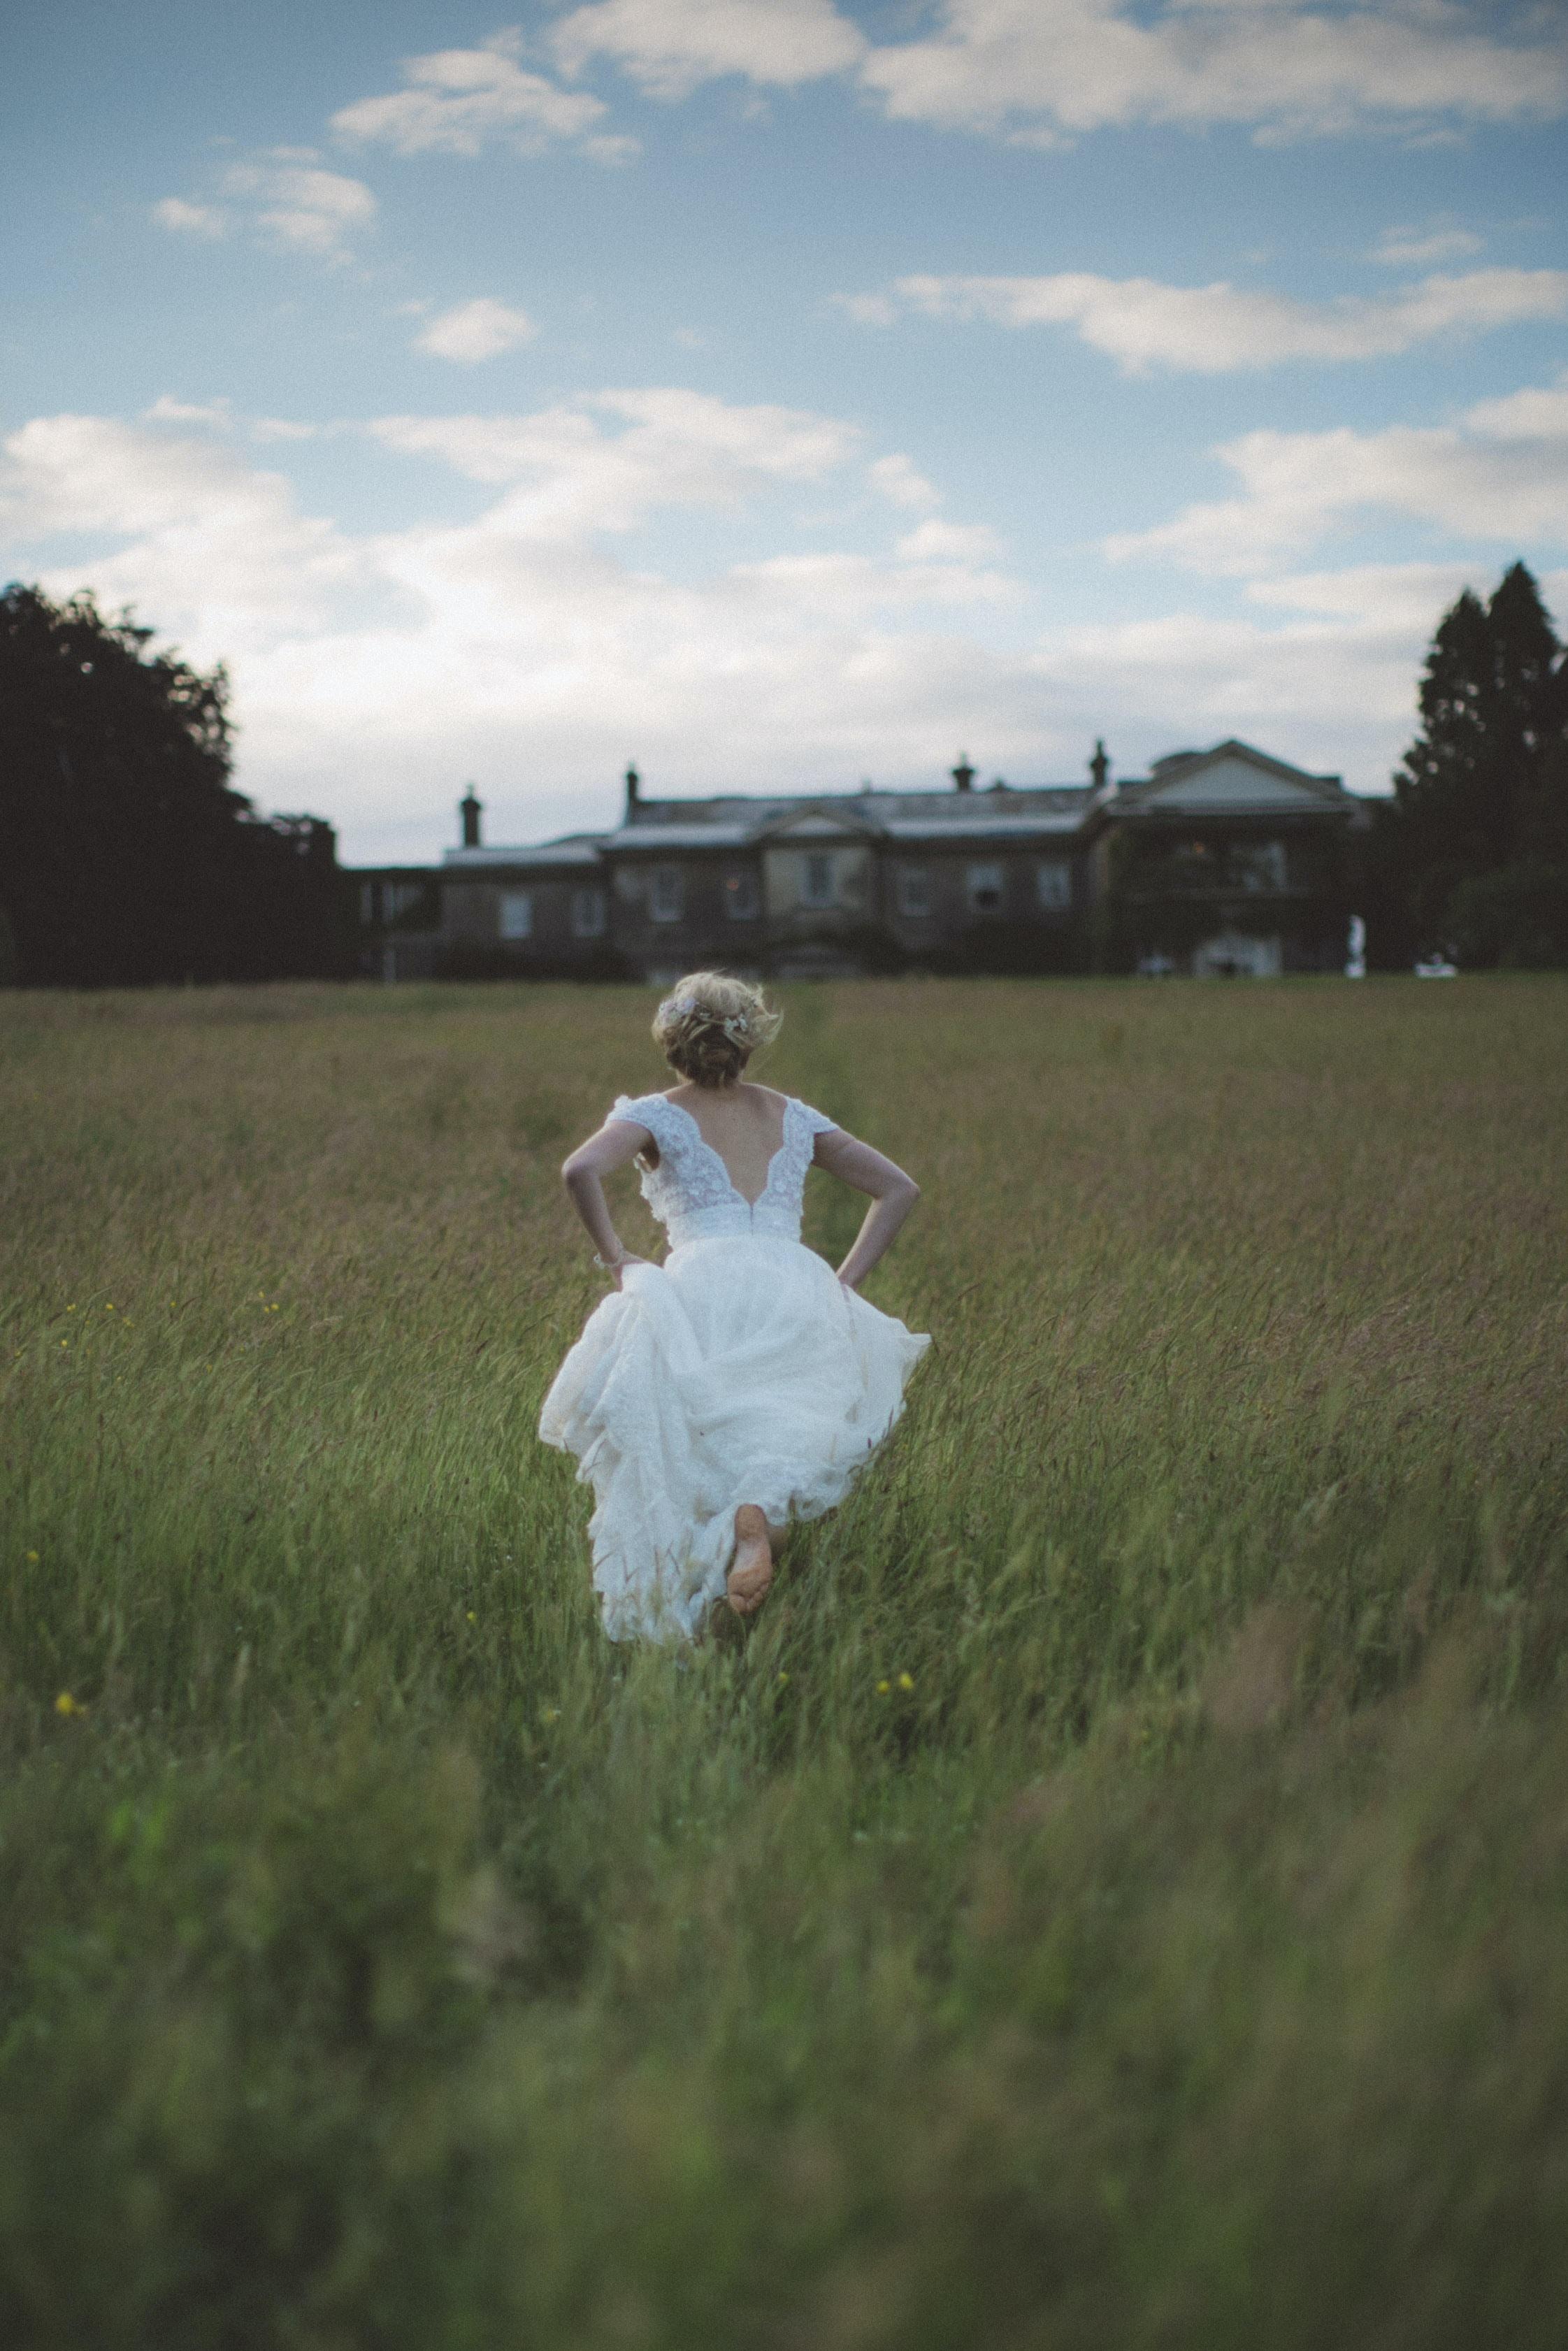 woman running on field